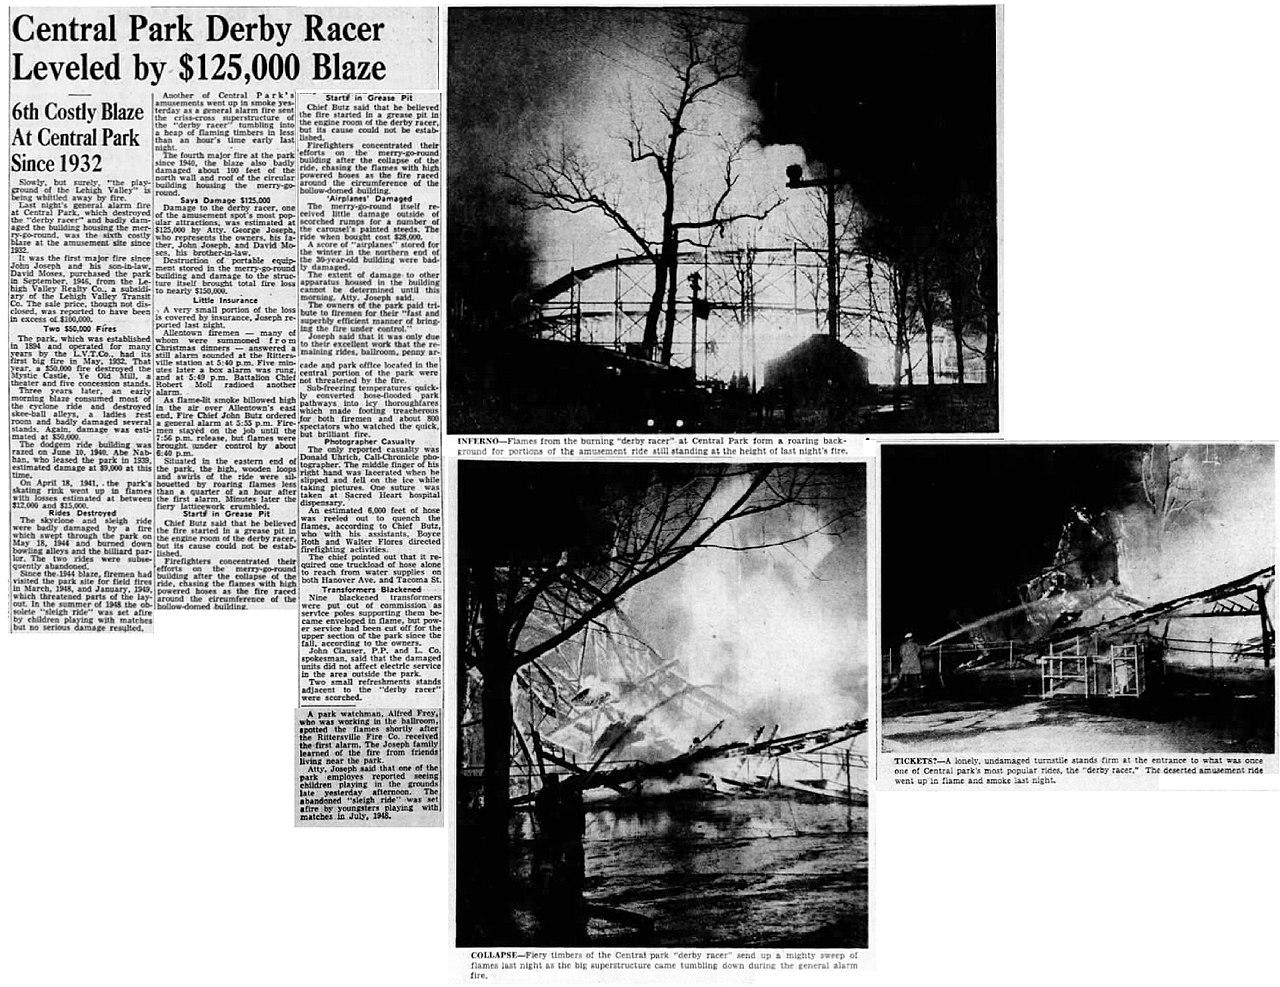 File:1950 - Central Park - Derby Racer Fire - 26 Dec MC - Allentown